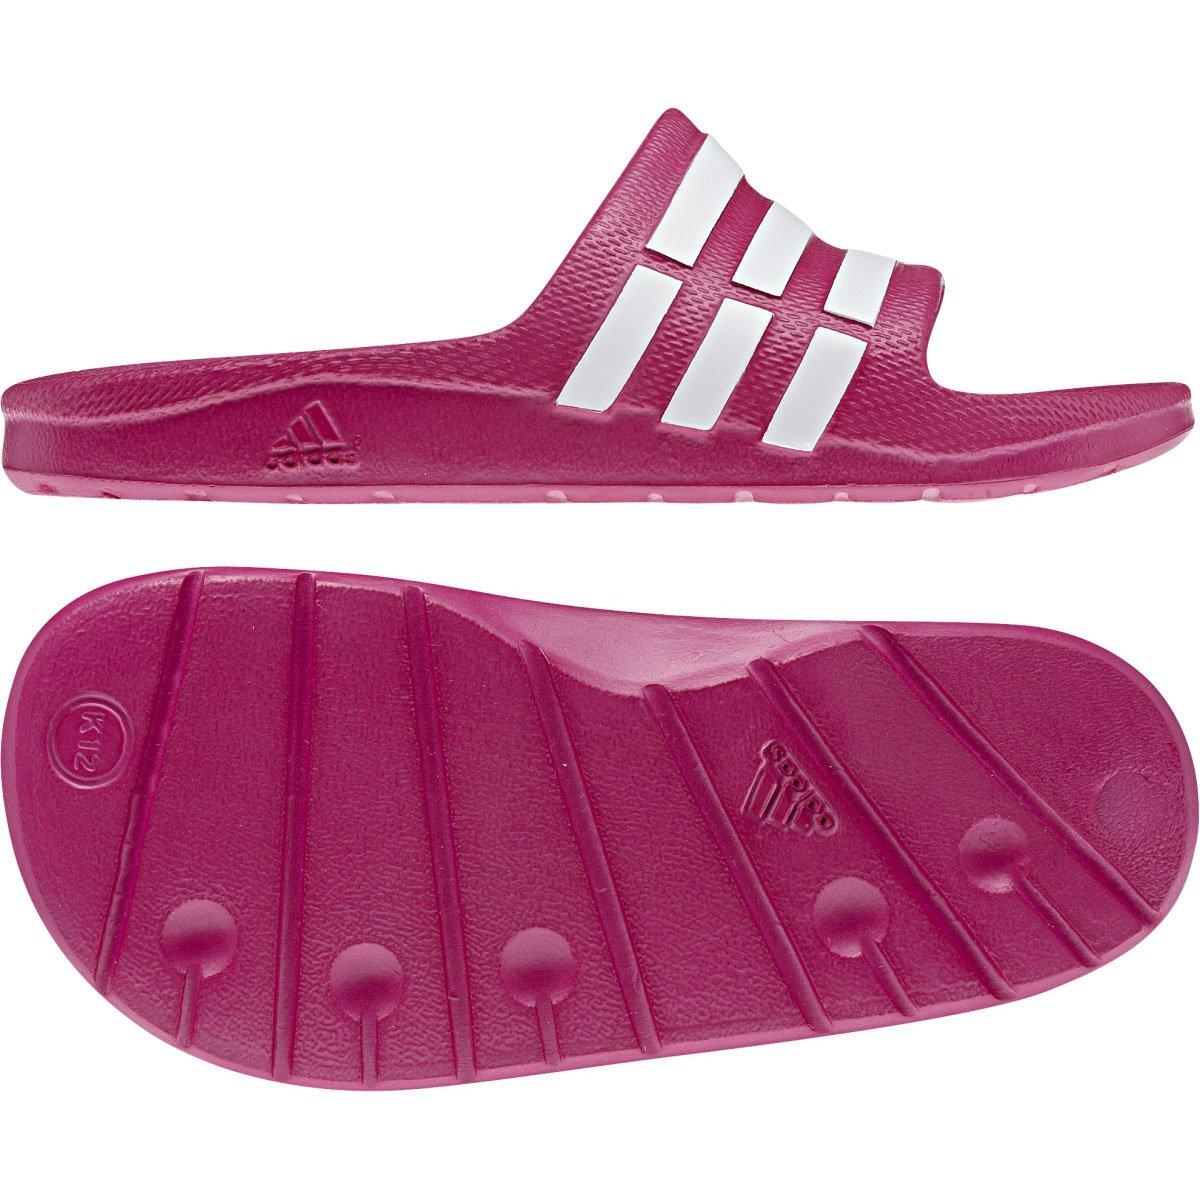 buy popular 67002 0d08f Duramo Slide K Adidas - Niña